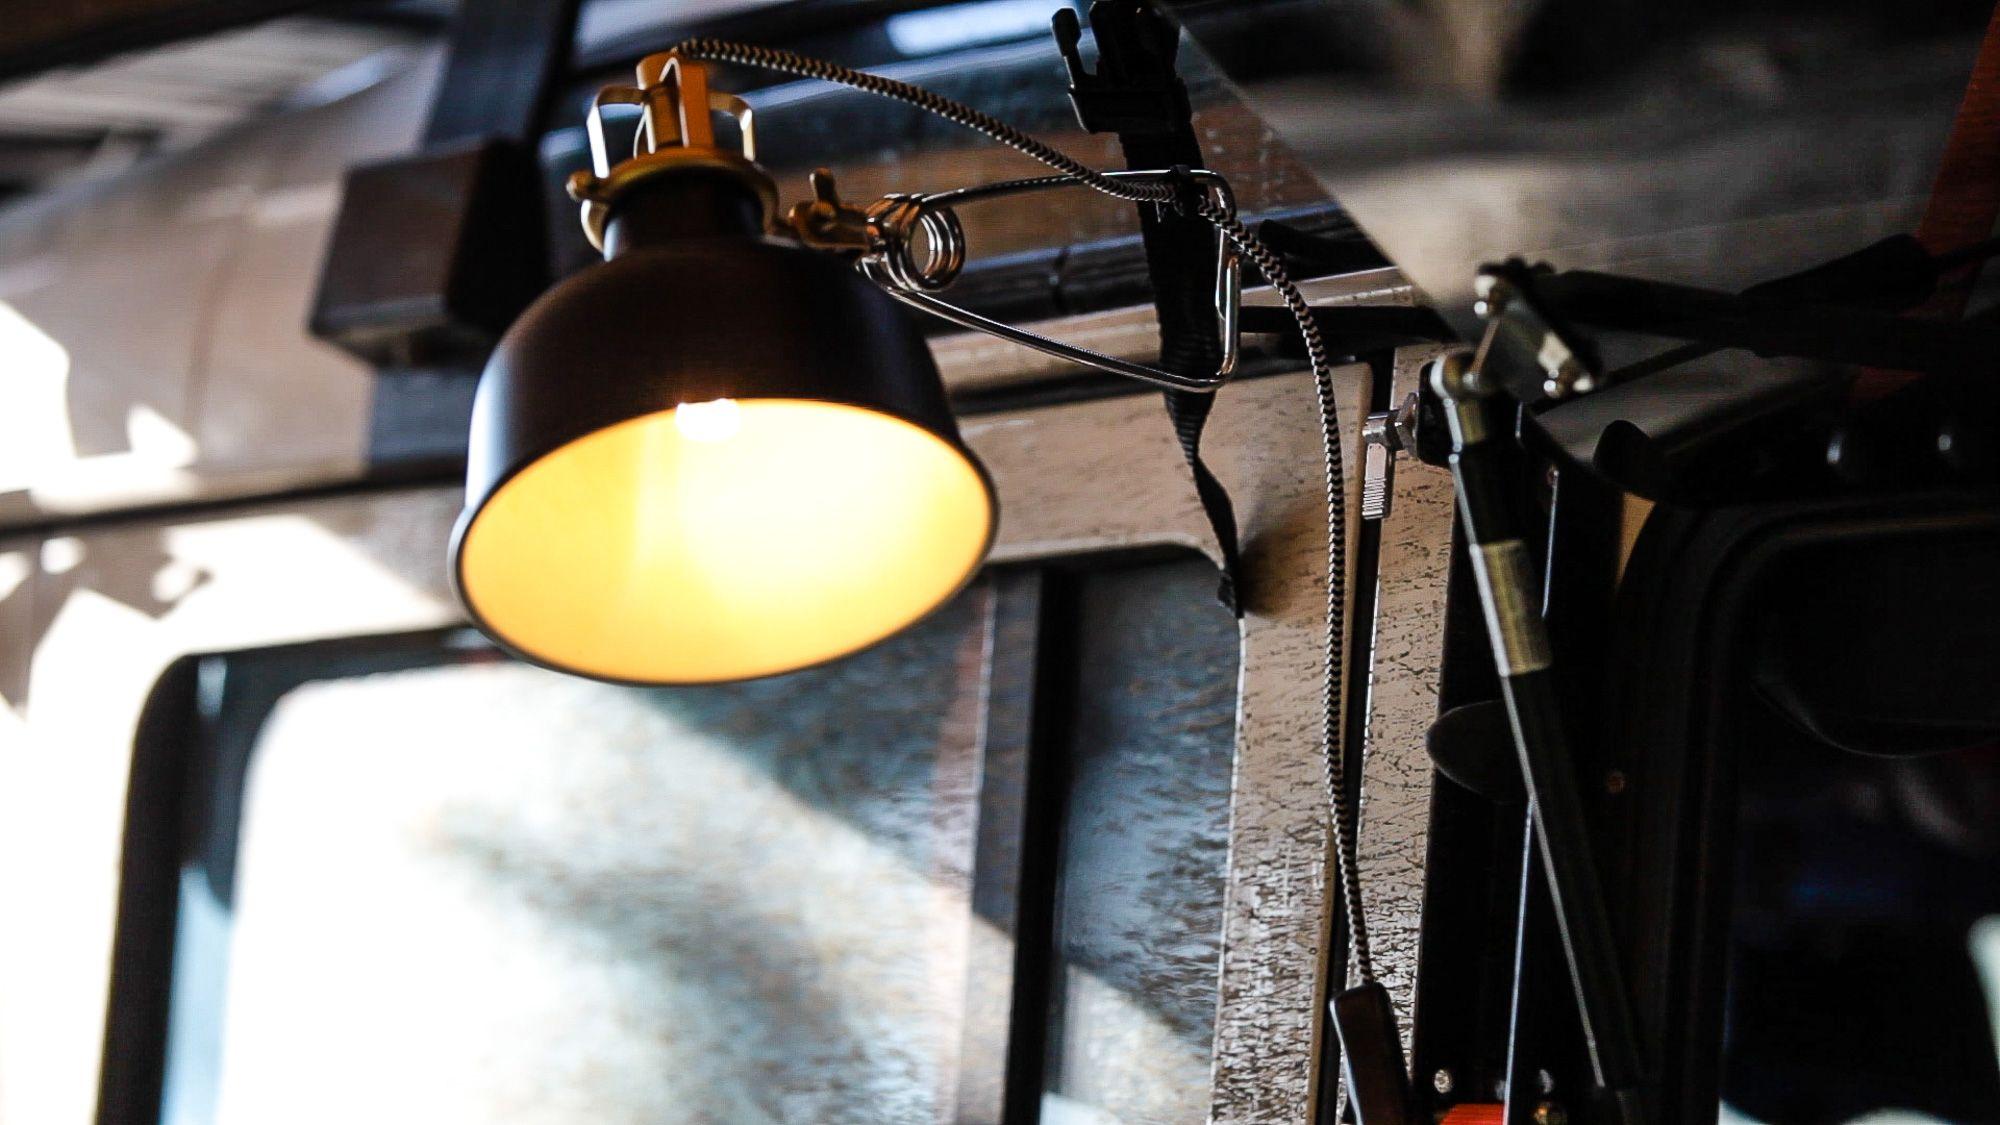 Ikea Lampe Auf 12v Getrimmt Mit Led Ideal Fur Den Camper Expeditionsfahrzeug Fahrzeuge